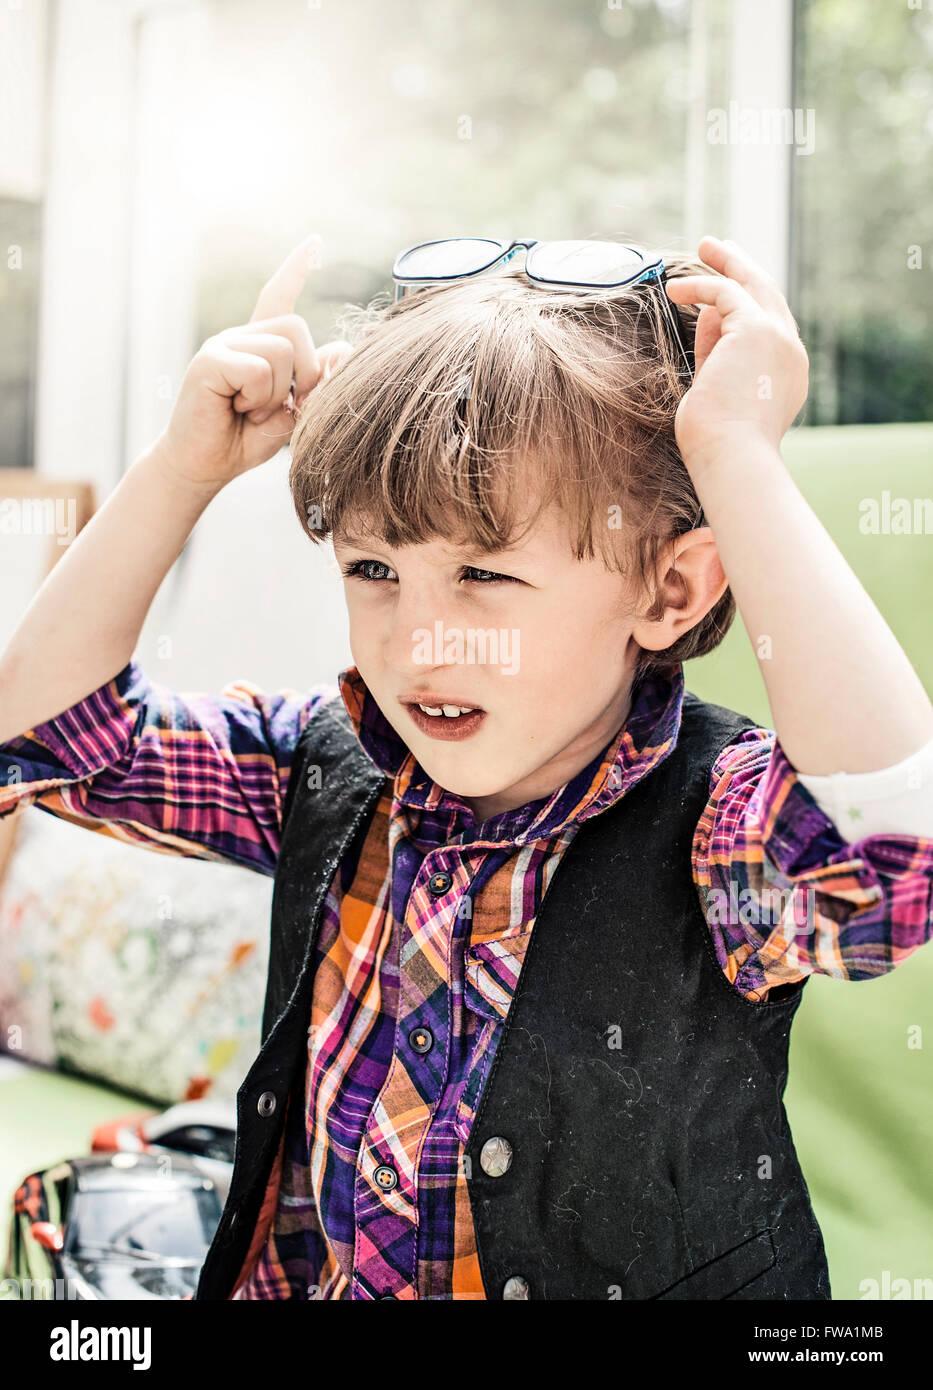 Un petit garçon avec des lunettes de soleil Photo Stock